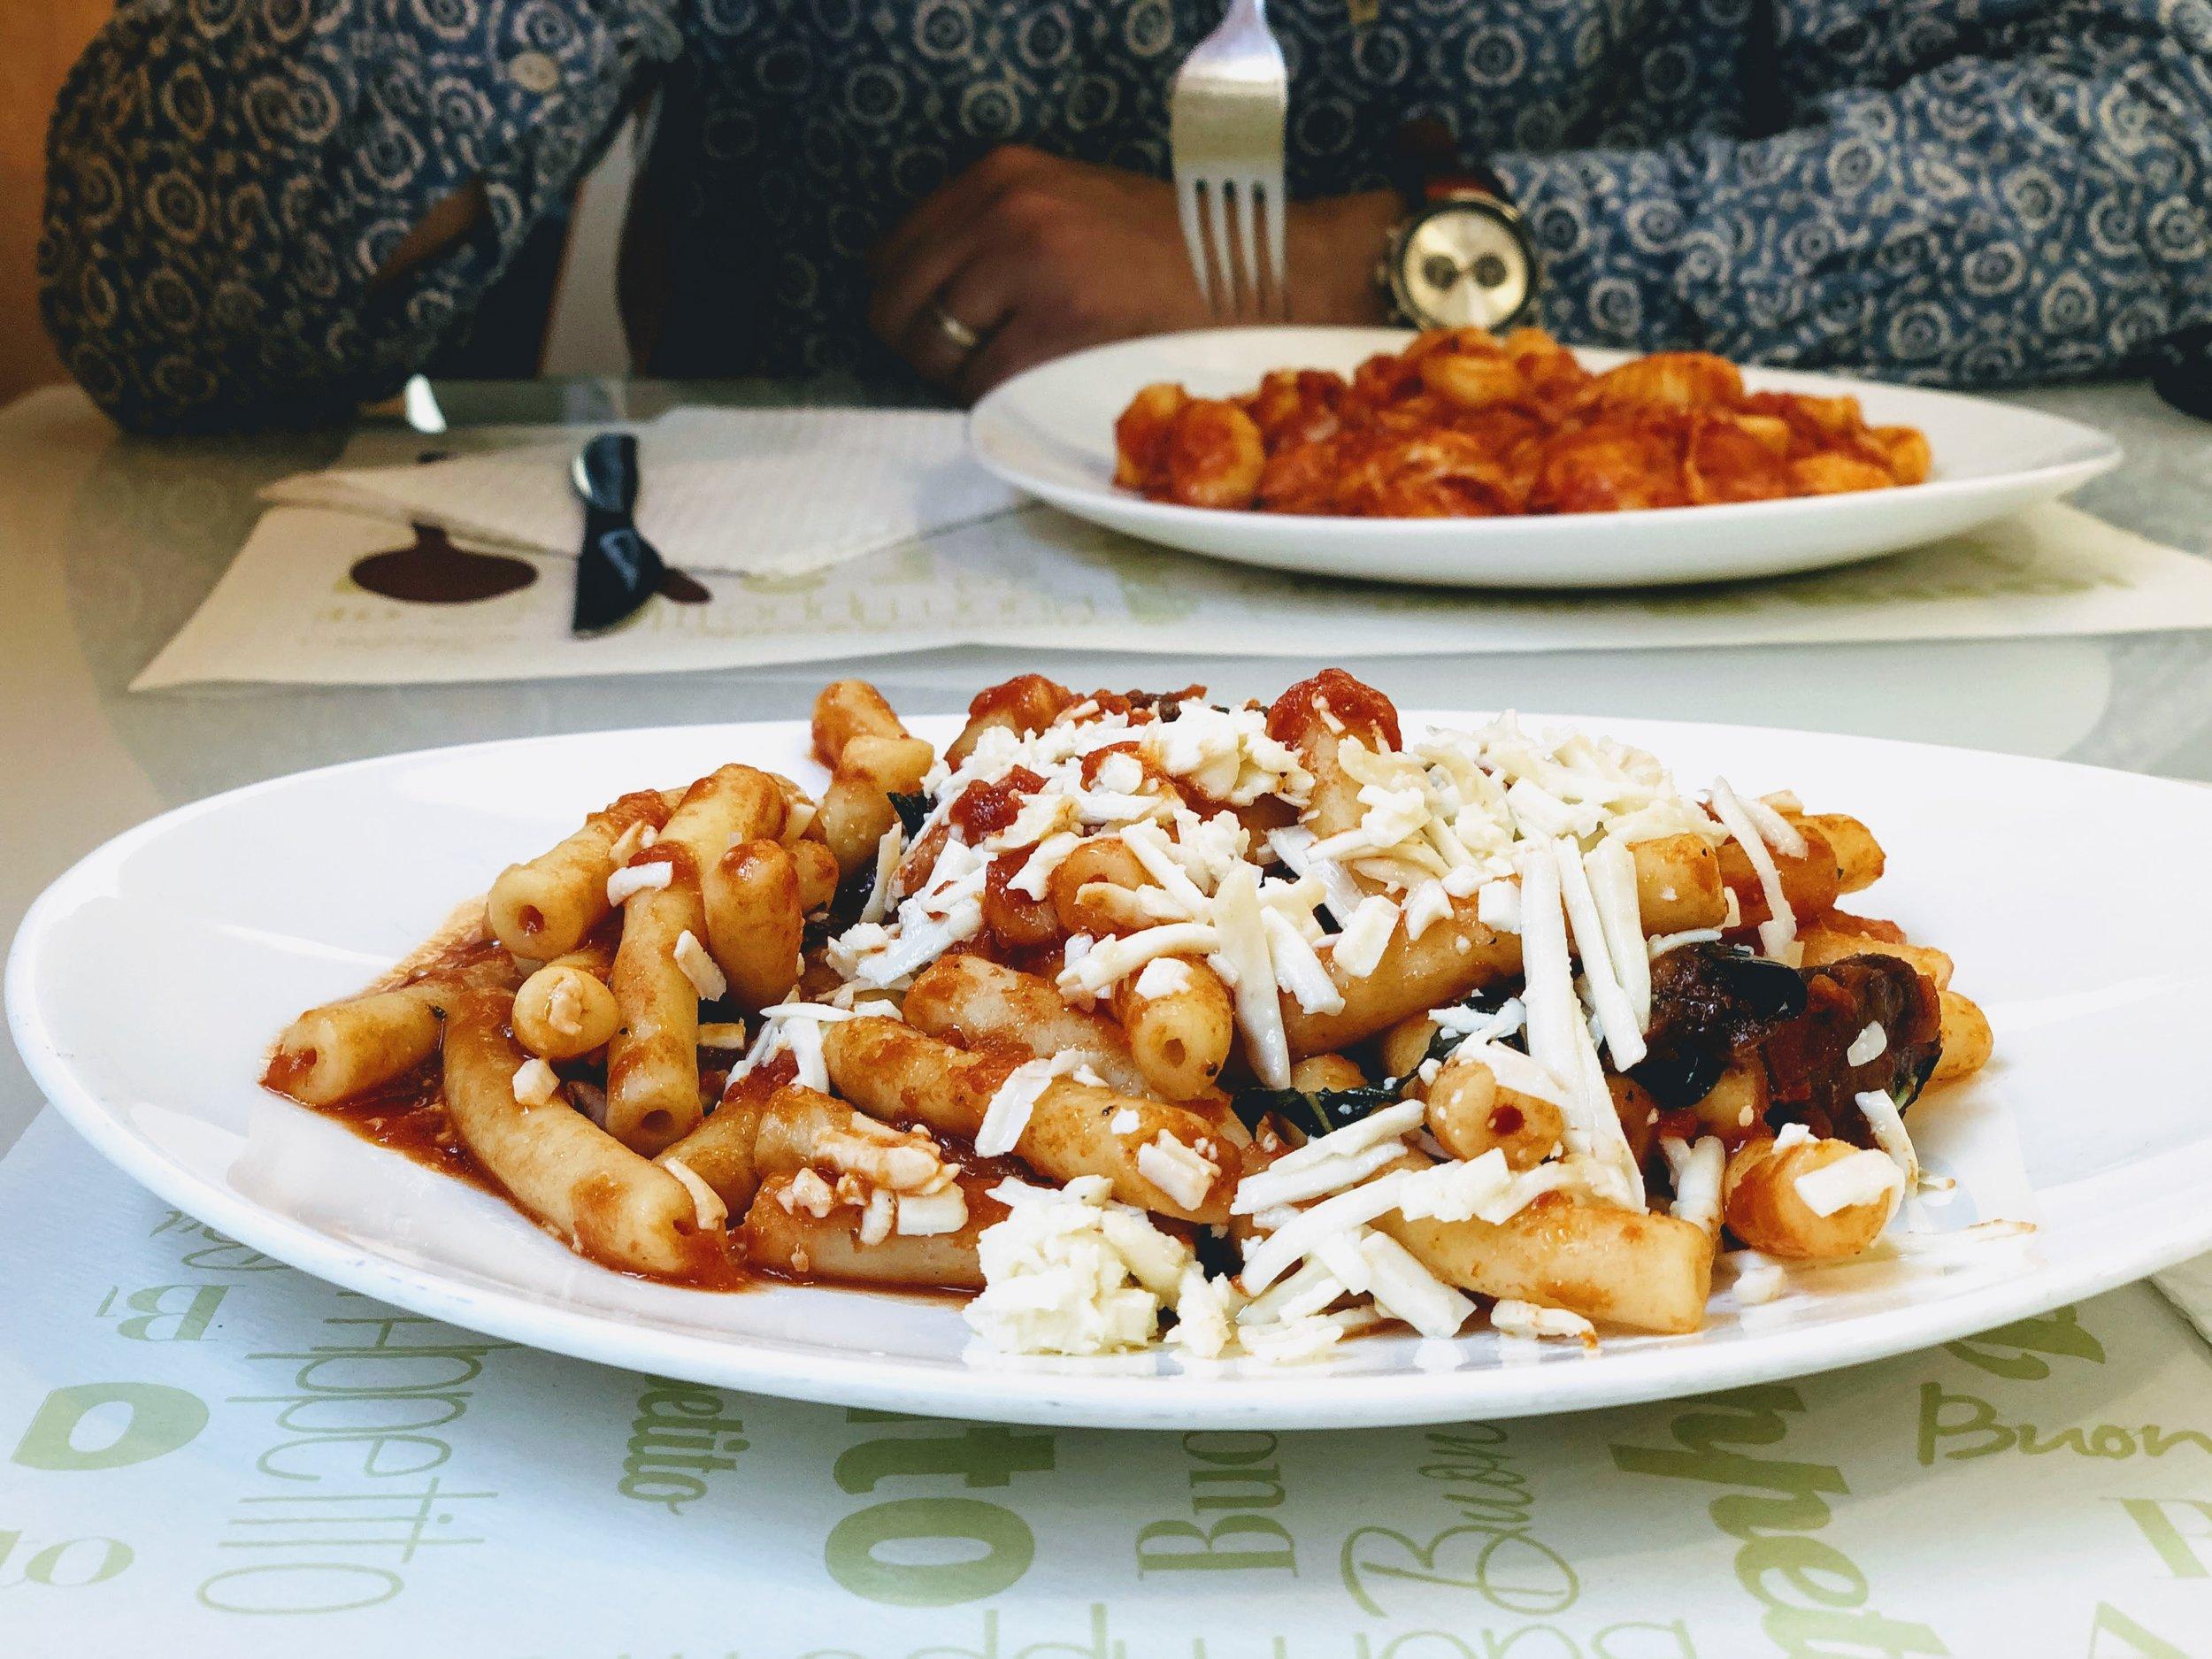 Pasta alla norma at Al Tortellino in Catania, Sicily